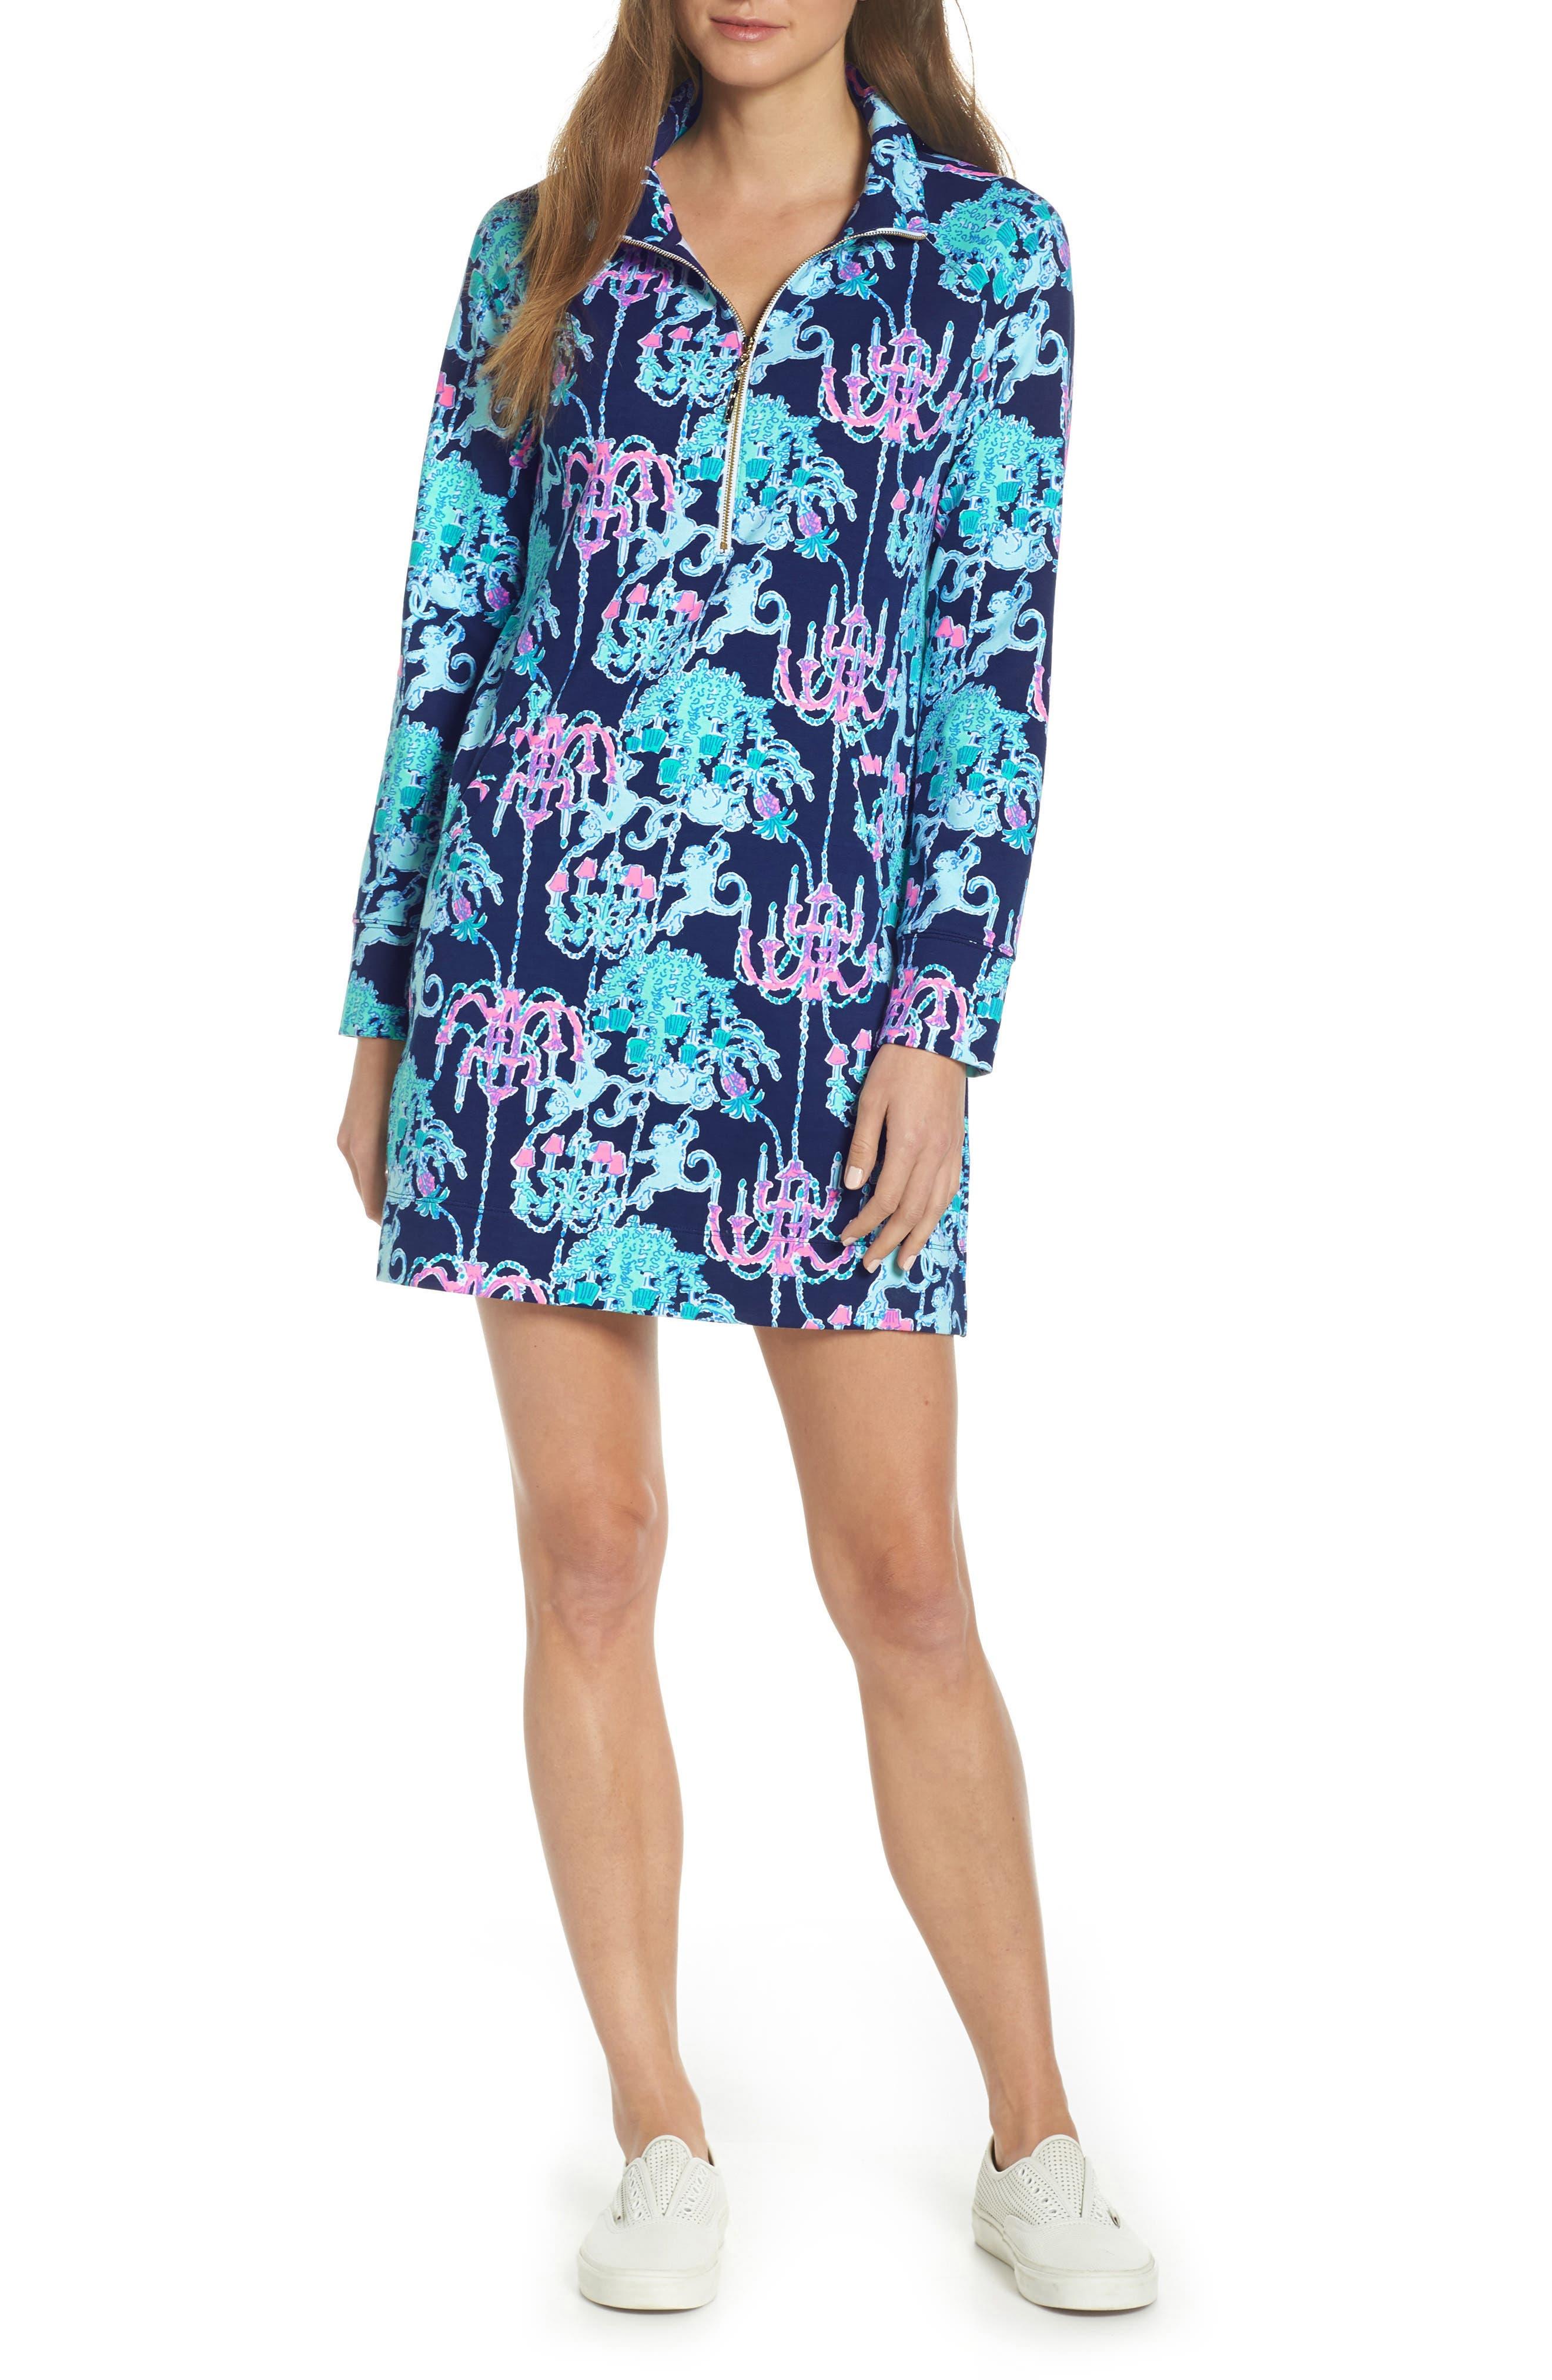 Lilly Pulitzer Skipper Upf 50+ Dress, Blue